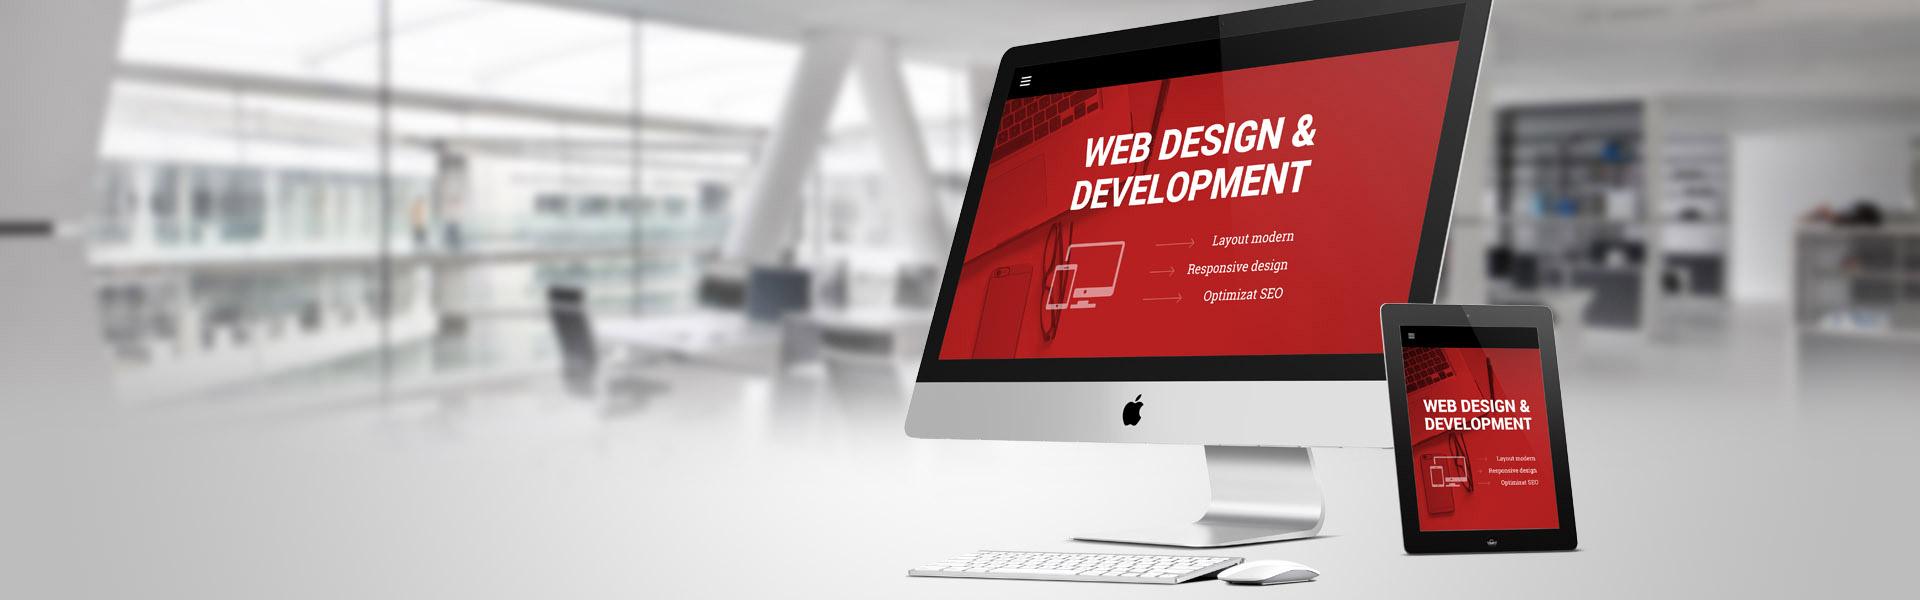 slider-bg-web2